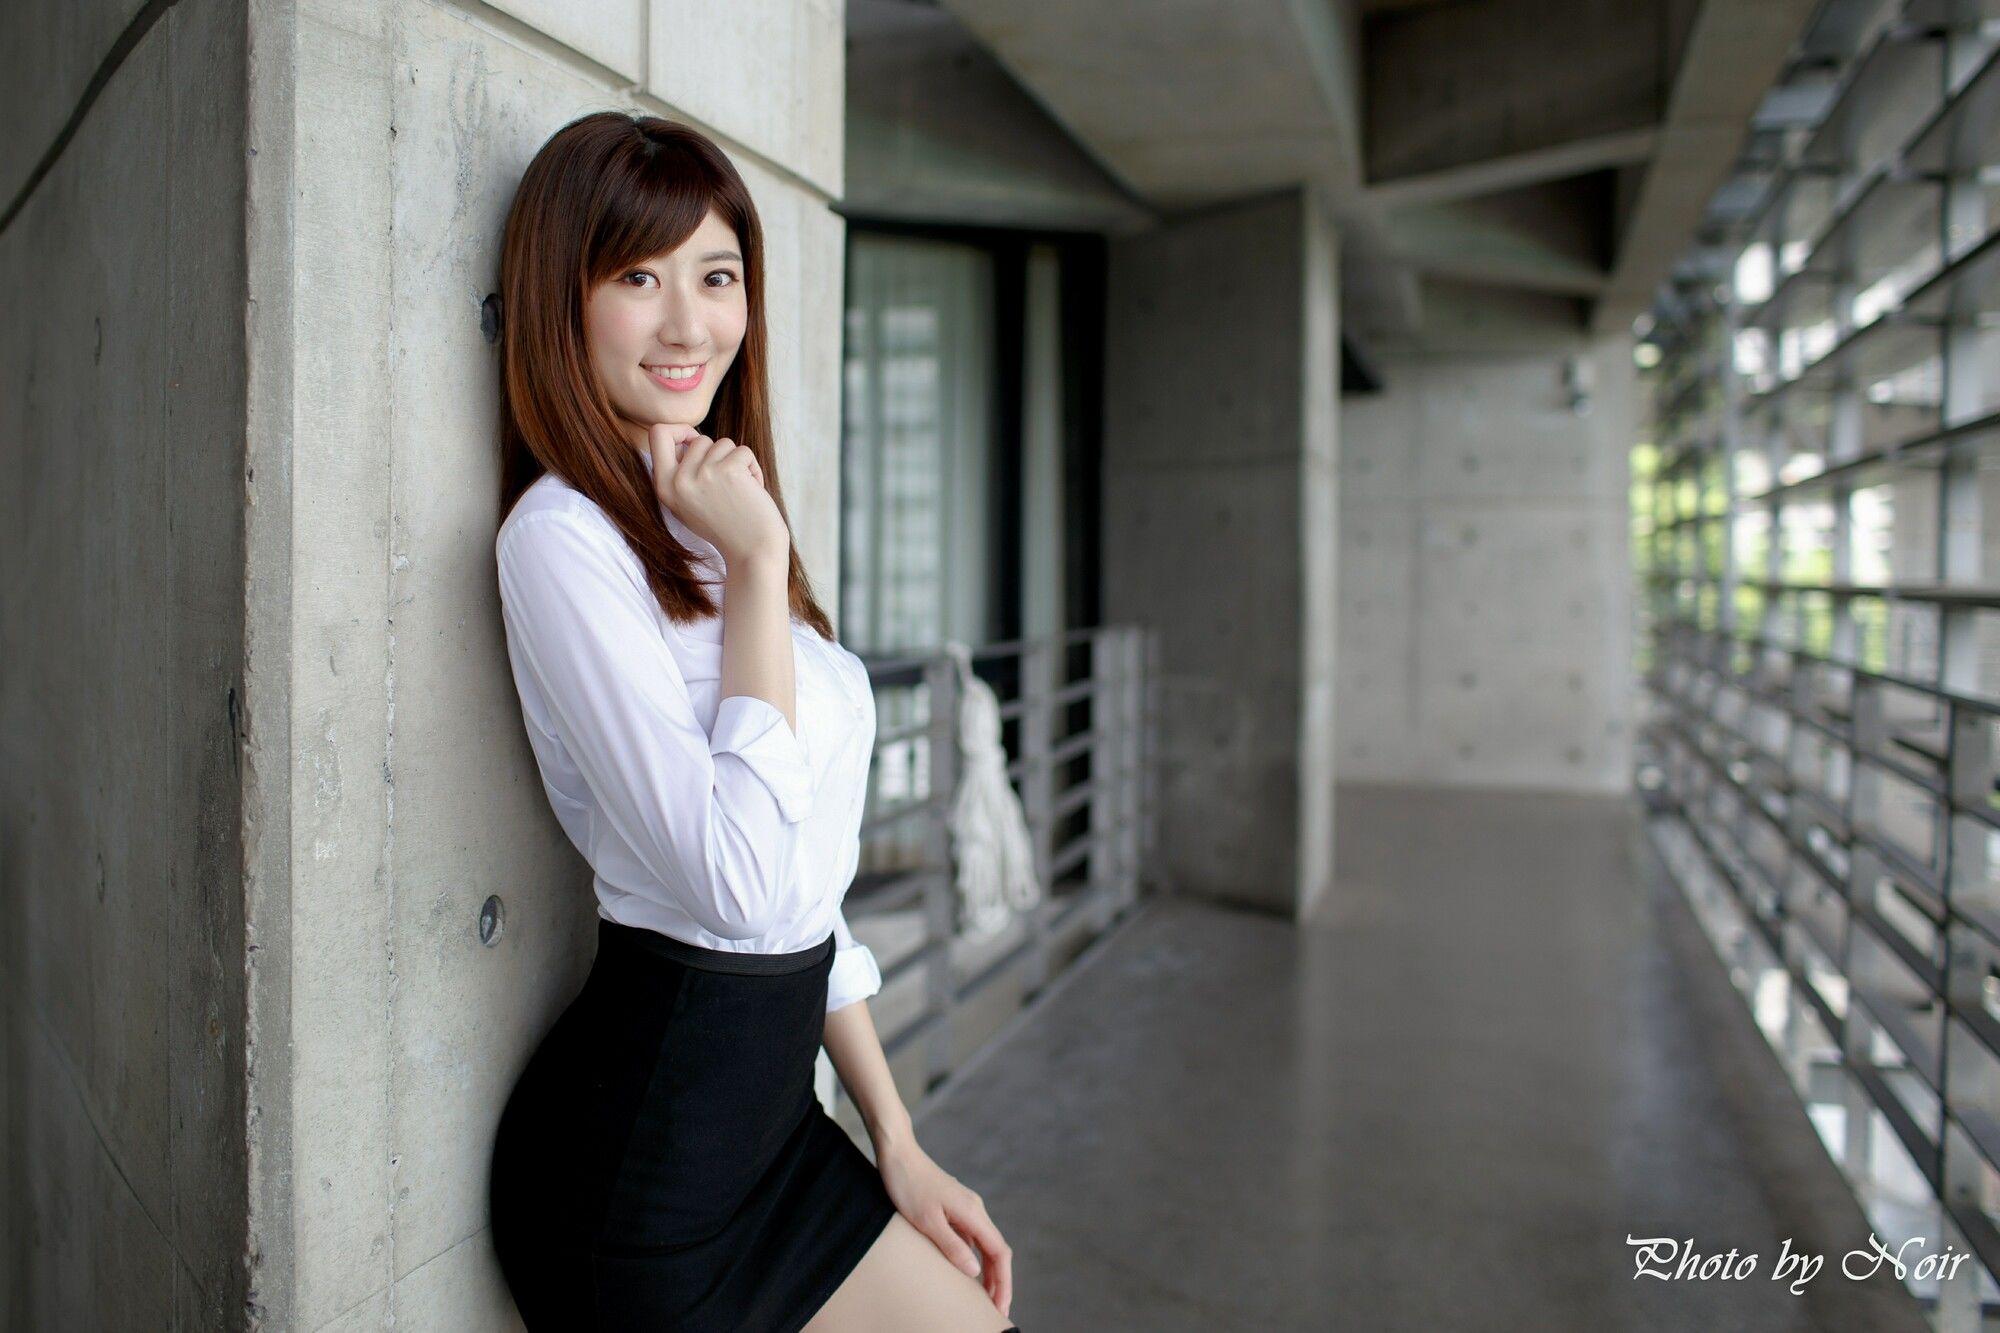 VOL.376 [台湾正妹]OL美女街拍美臀街拍短裙:蔡译心超高清个人性感漂亮大图(57P)